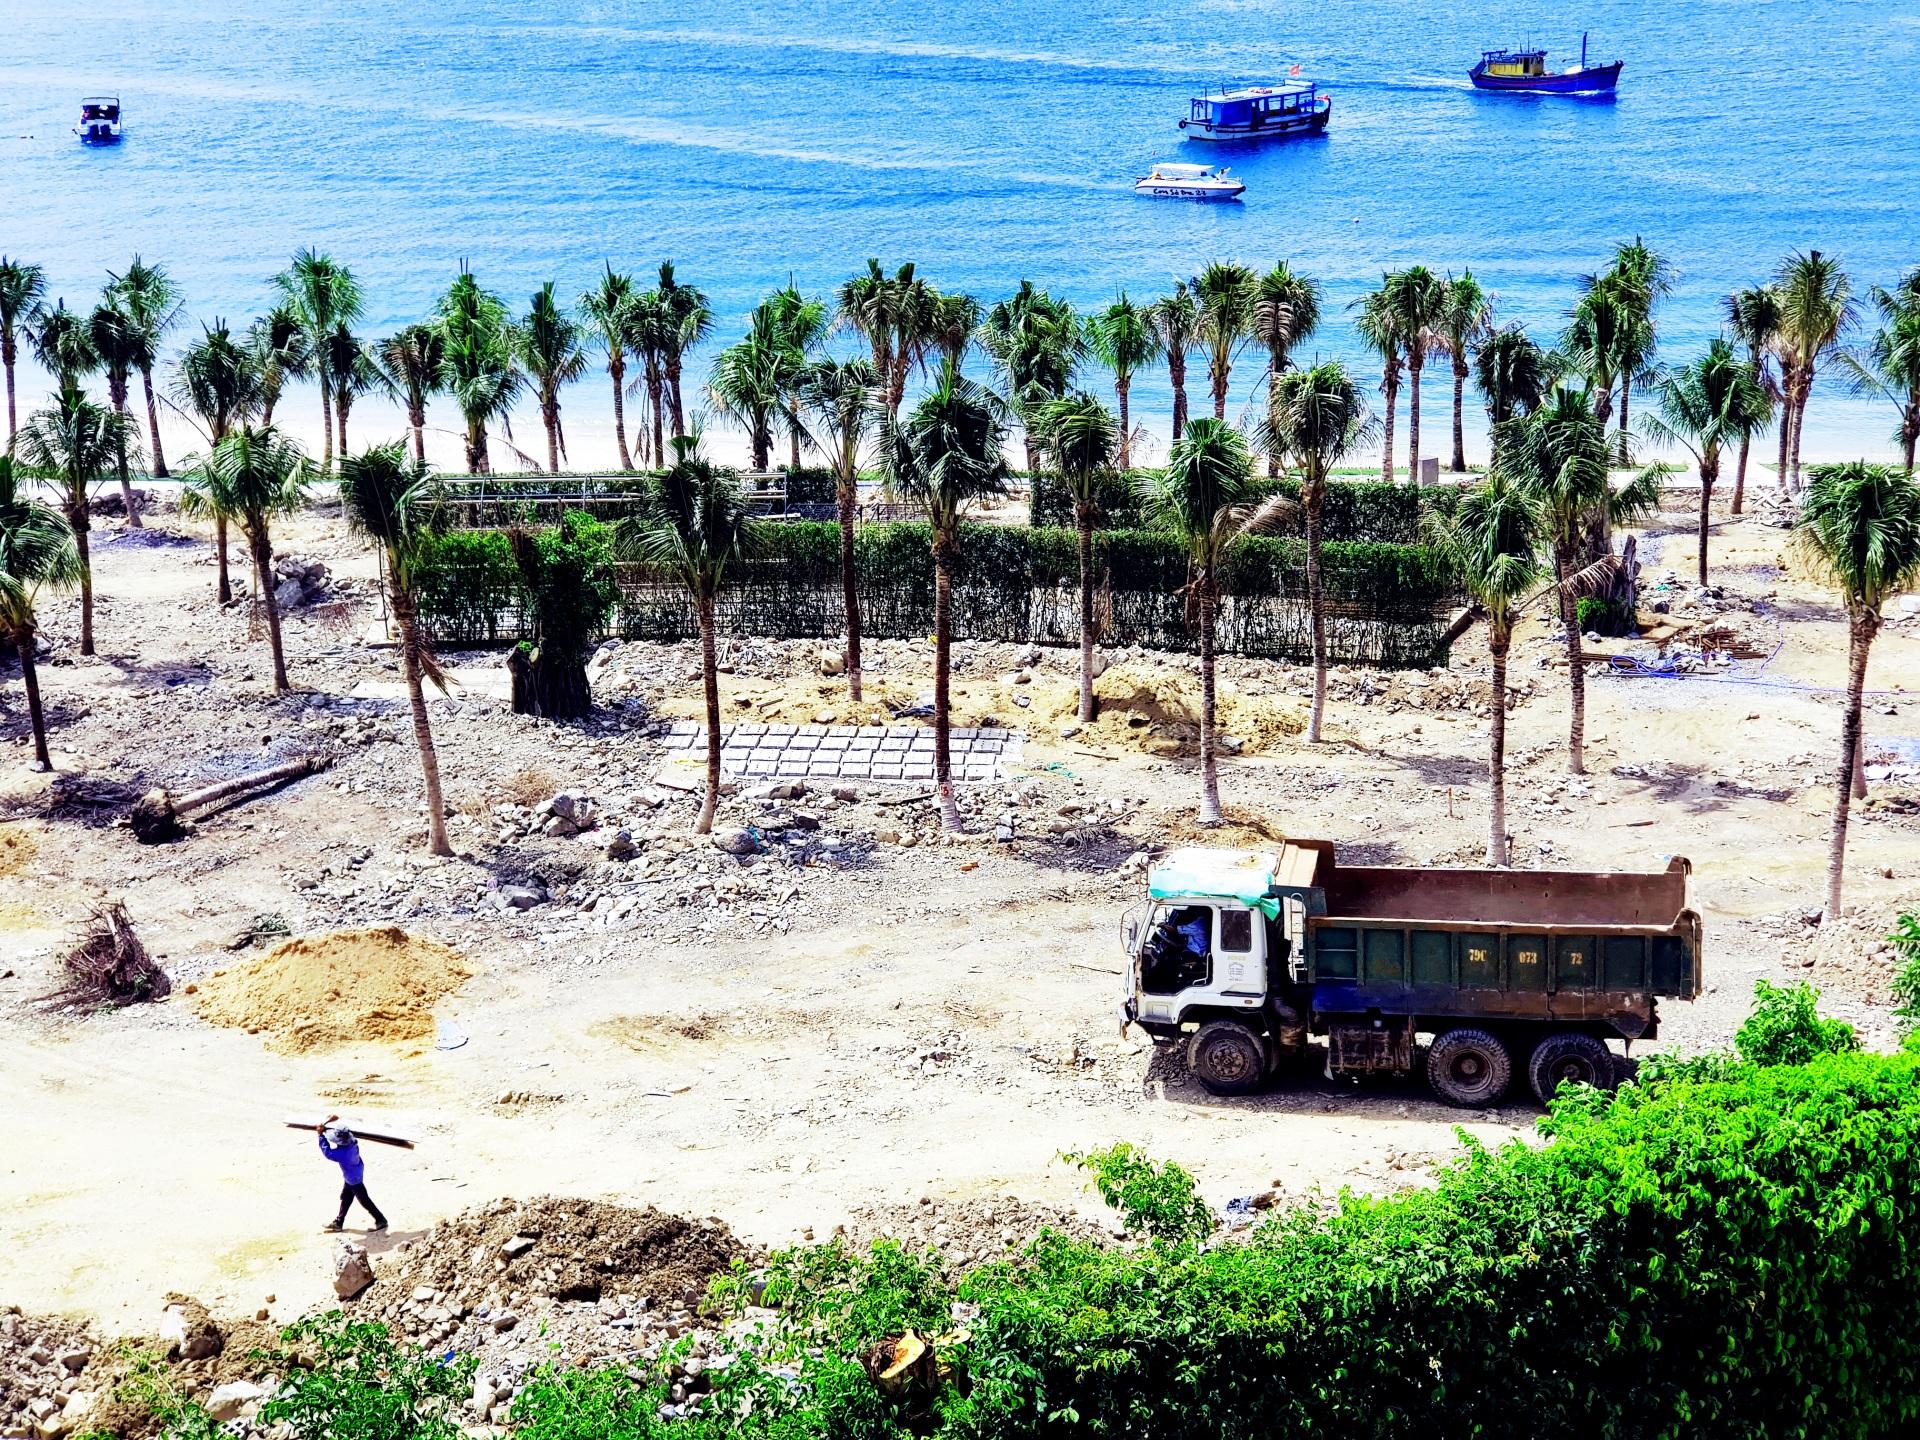 Hạn chế tối đa những tác hại do rác thải biển gây ra